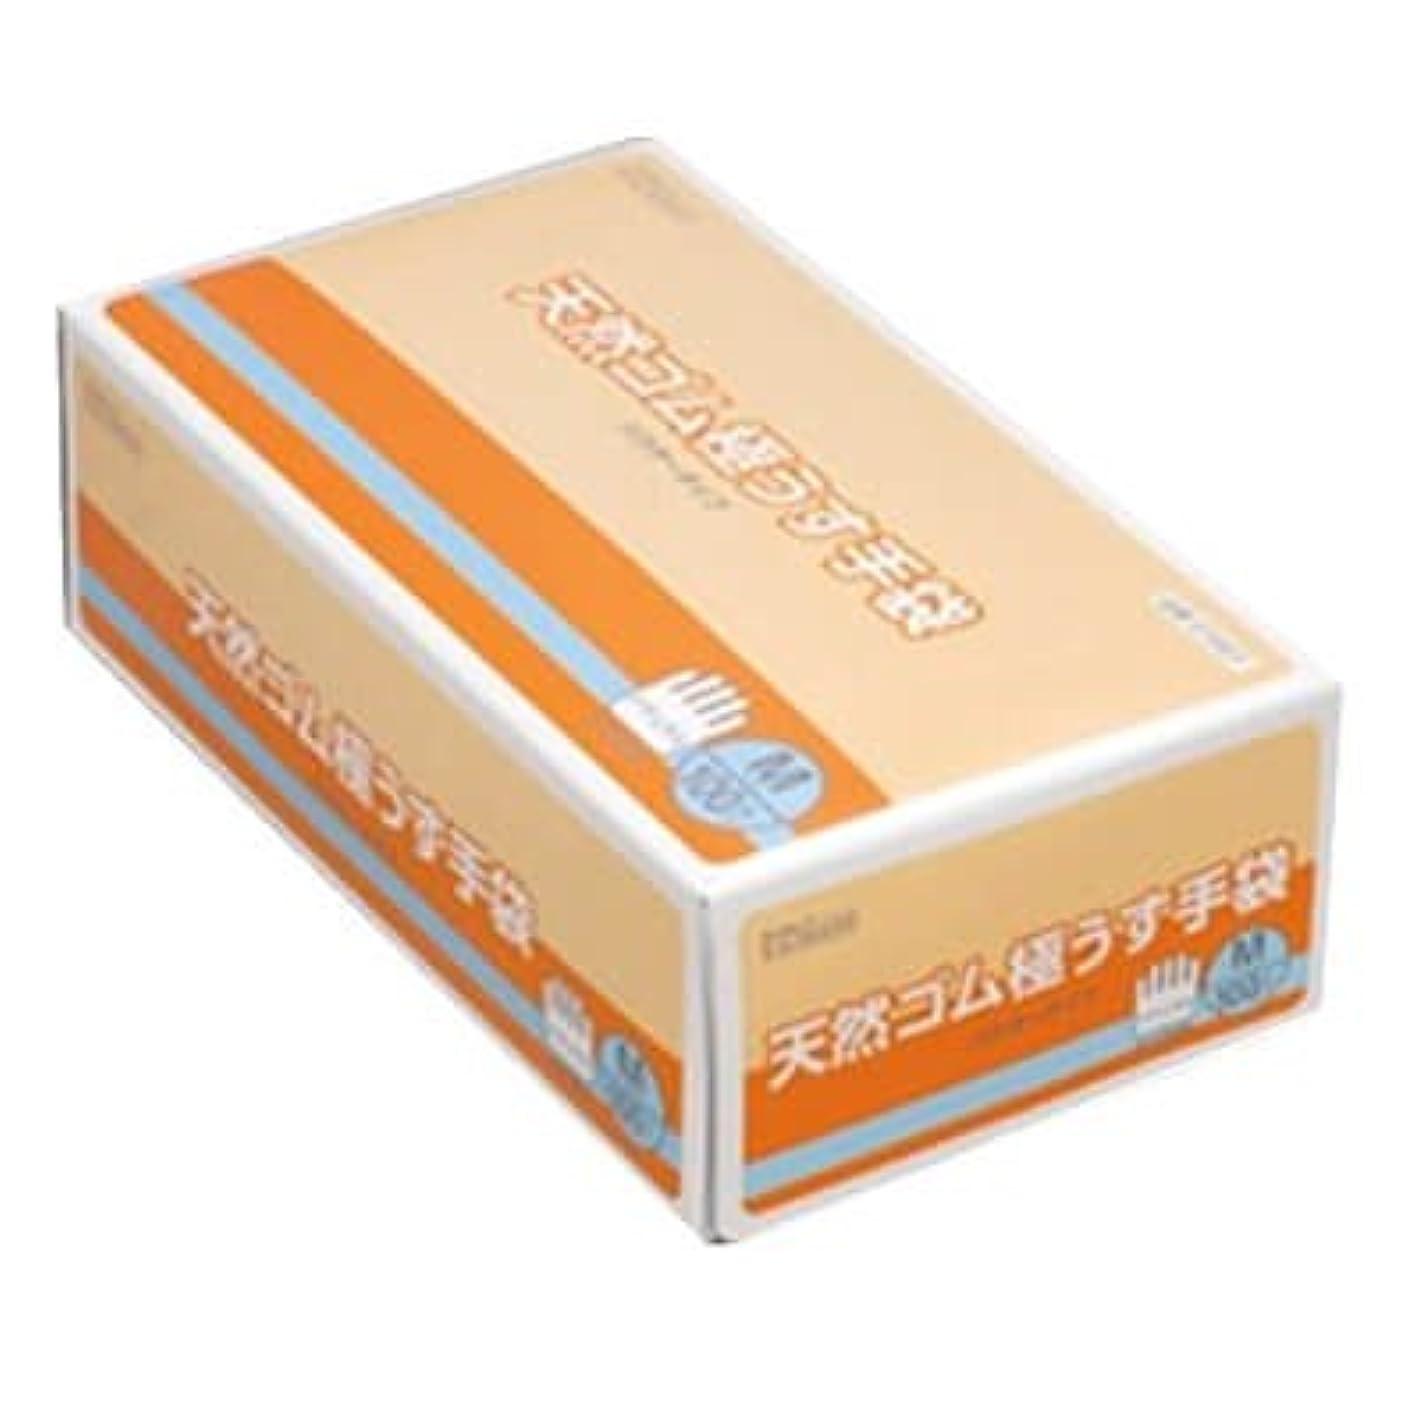 甘味廃棄アジテーション【ケース販売】 ダンロップ 天然ゴム極うす手袋 M ナチュラル (100枚入×20箱)